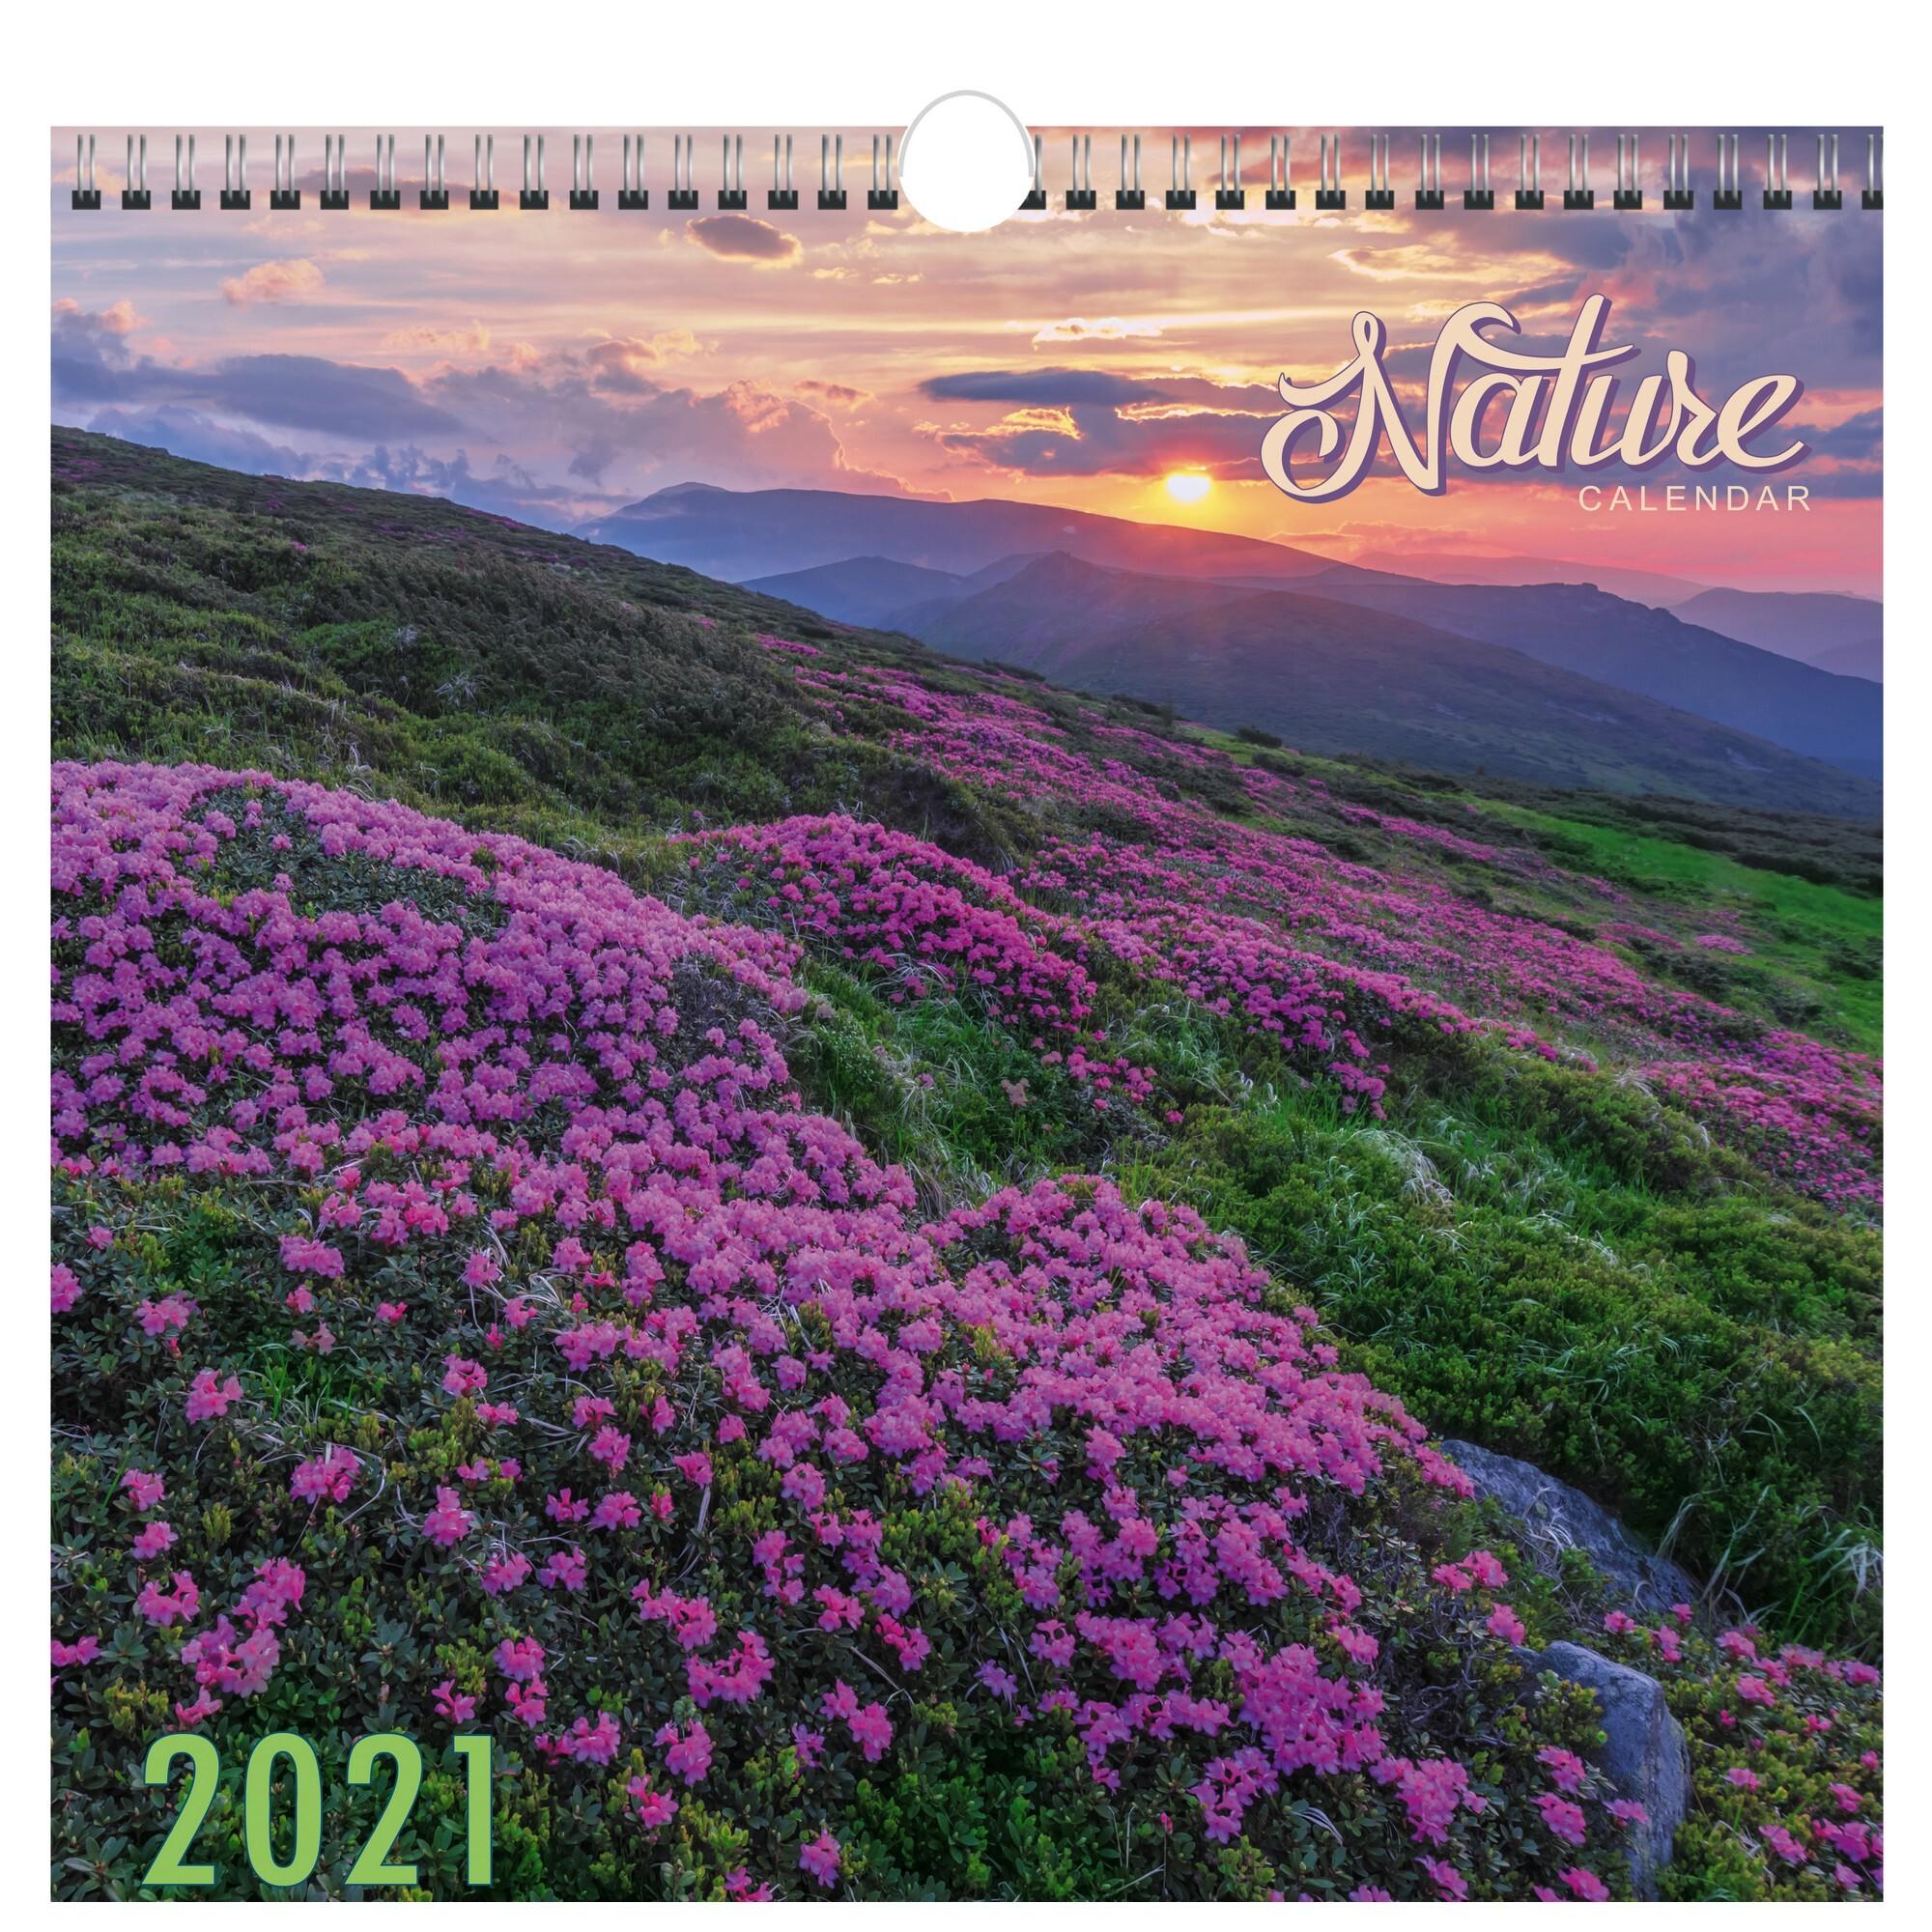 Календарь перекидной Природа (дизайн 1) на 2021 год.